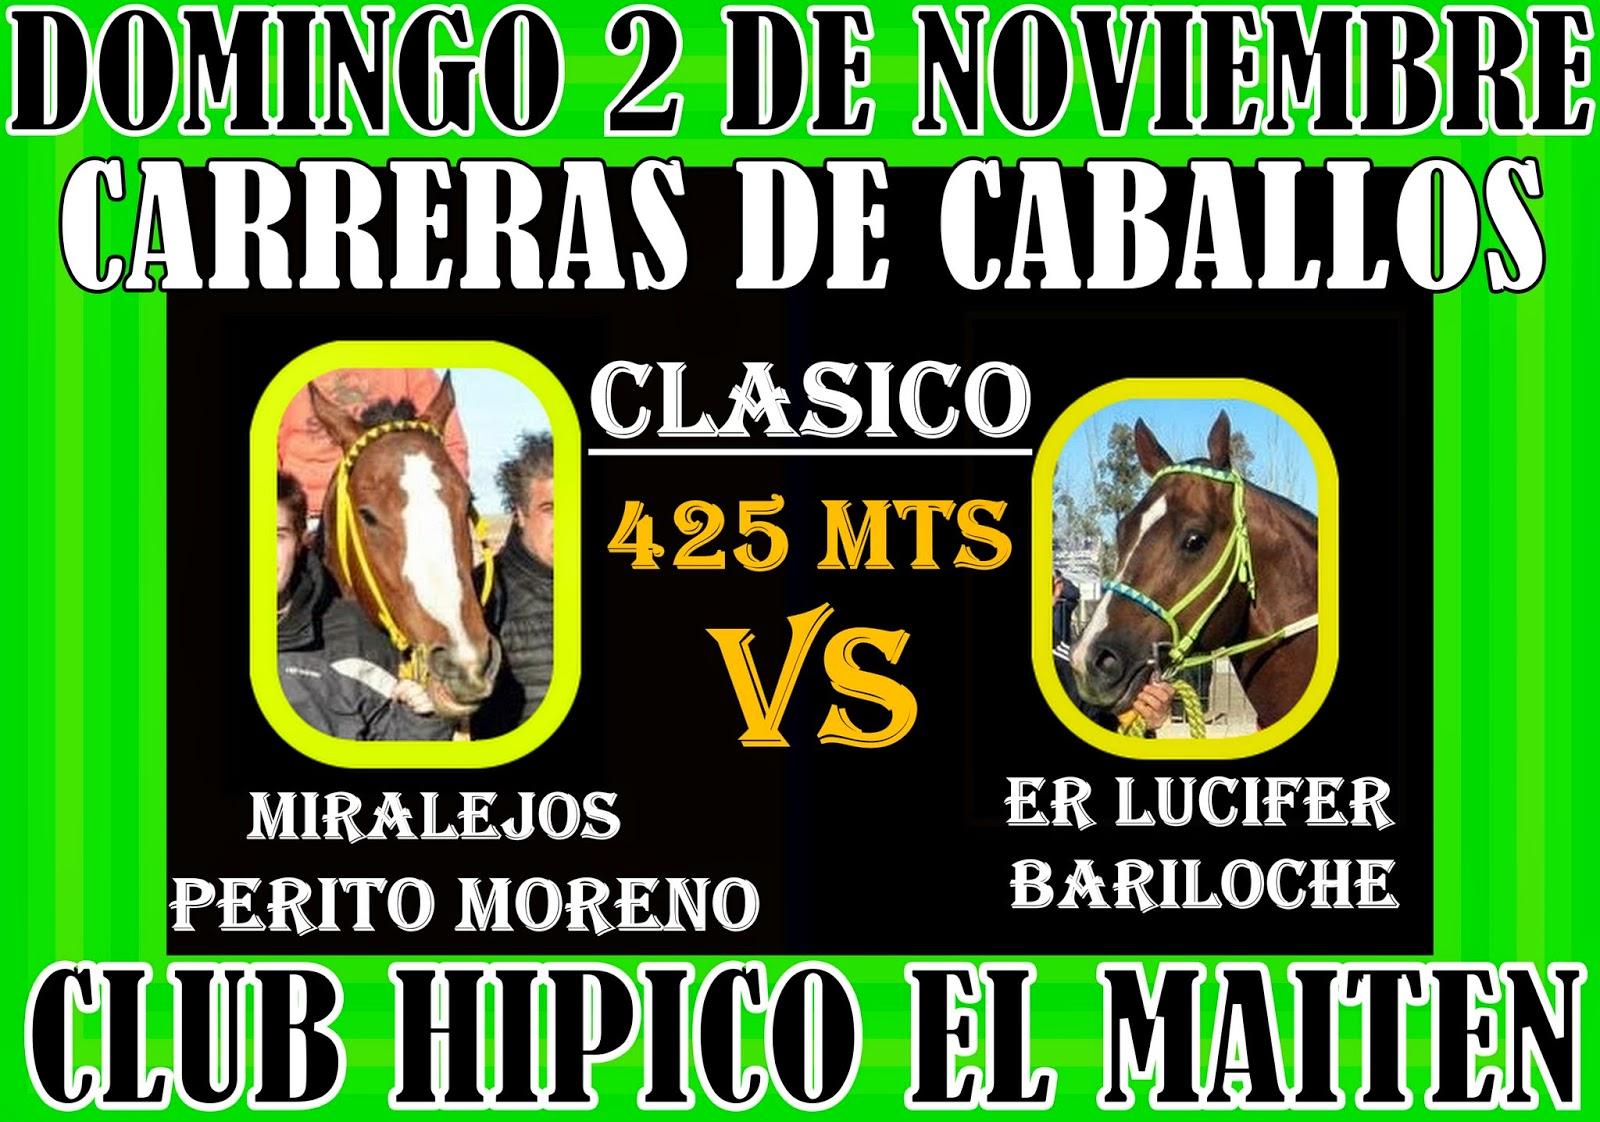 http://turfdelapatagonia.blogspot.com.ar/2014/10/0211-adelantos-de-carreras-de-caballos.html